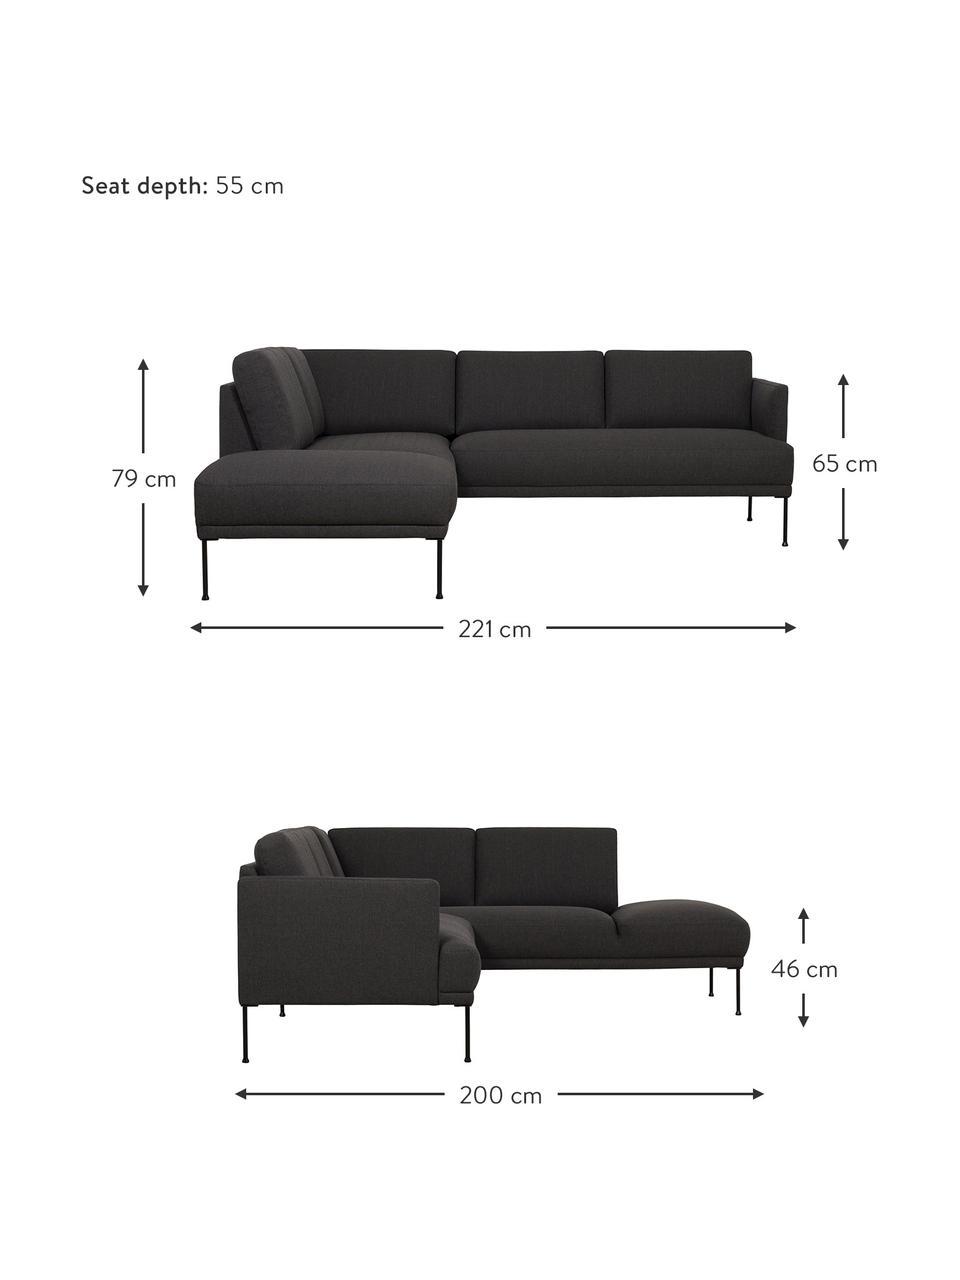 Sofa narożna z metalowymi nogami Fluente, Tapicerka: 100% poliester Dzięki tka, Nogi: metal malowany proszkowo, Ciemnyszary, S 221 x G 200 cm